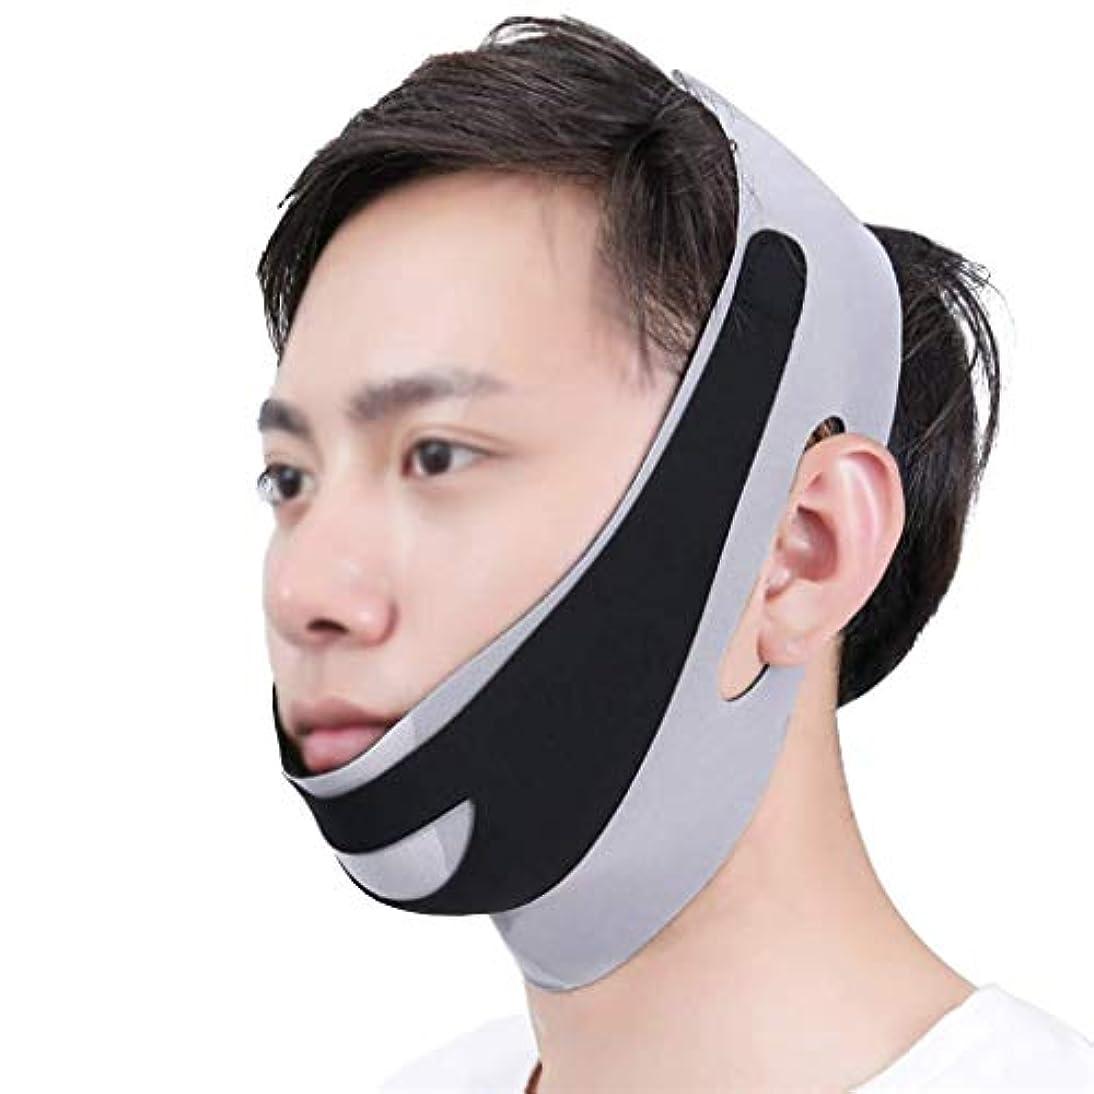 闘争程度顔と首のリフト術後の弾性フェイスマスク小さなV顔アーティファクト薄い顔包帯アーティファクトV顔ぶら下げ耳リフティング引き締め男性の顔アーティファクト